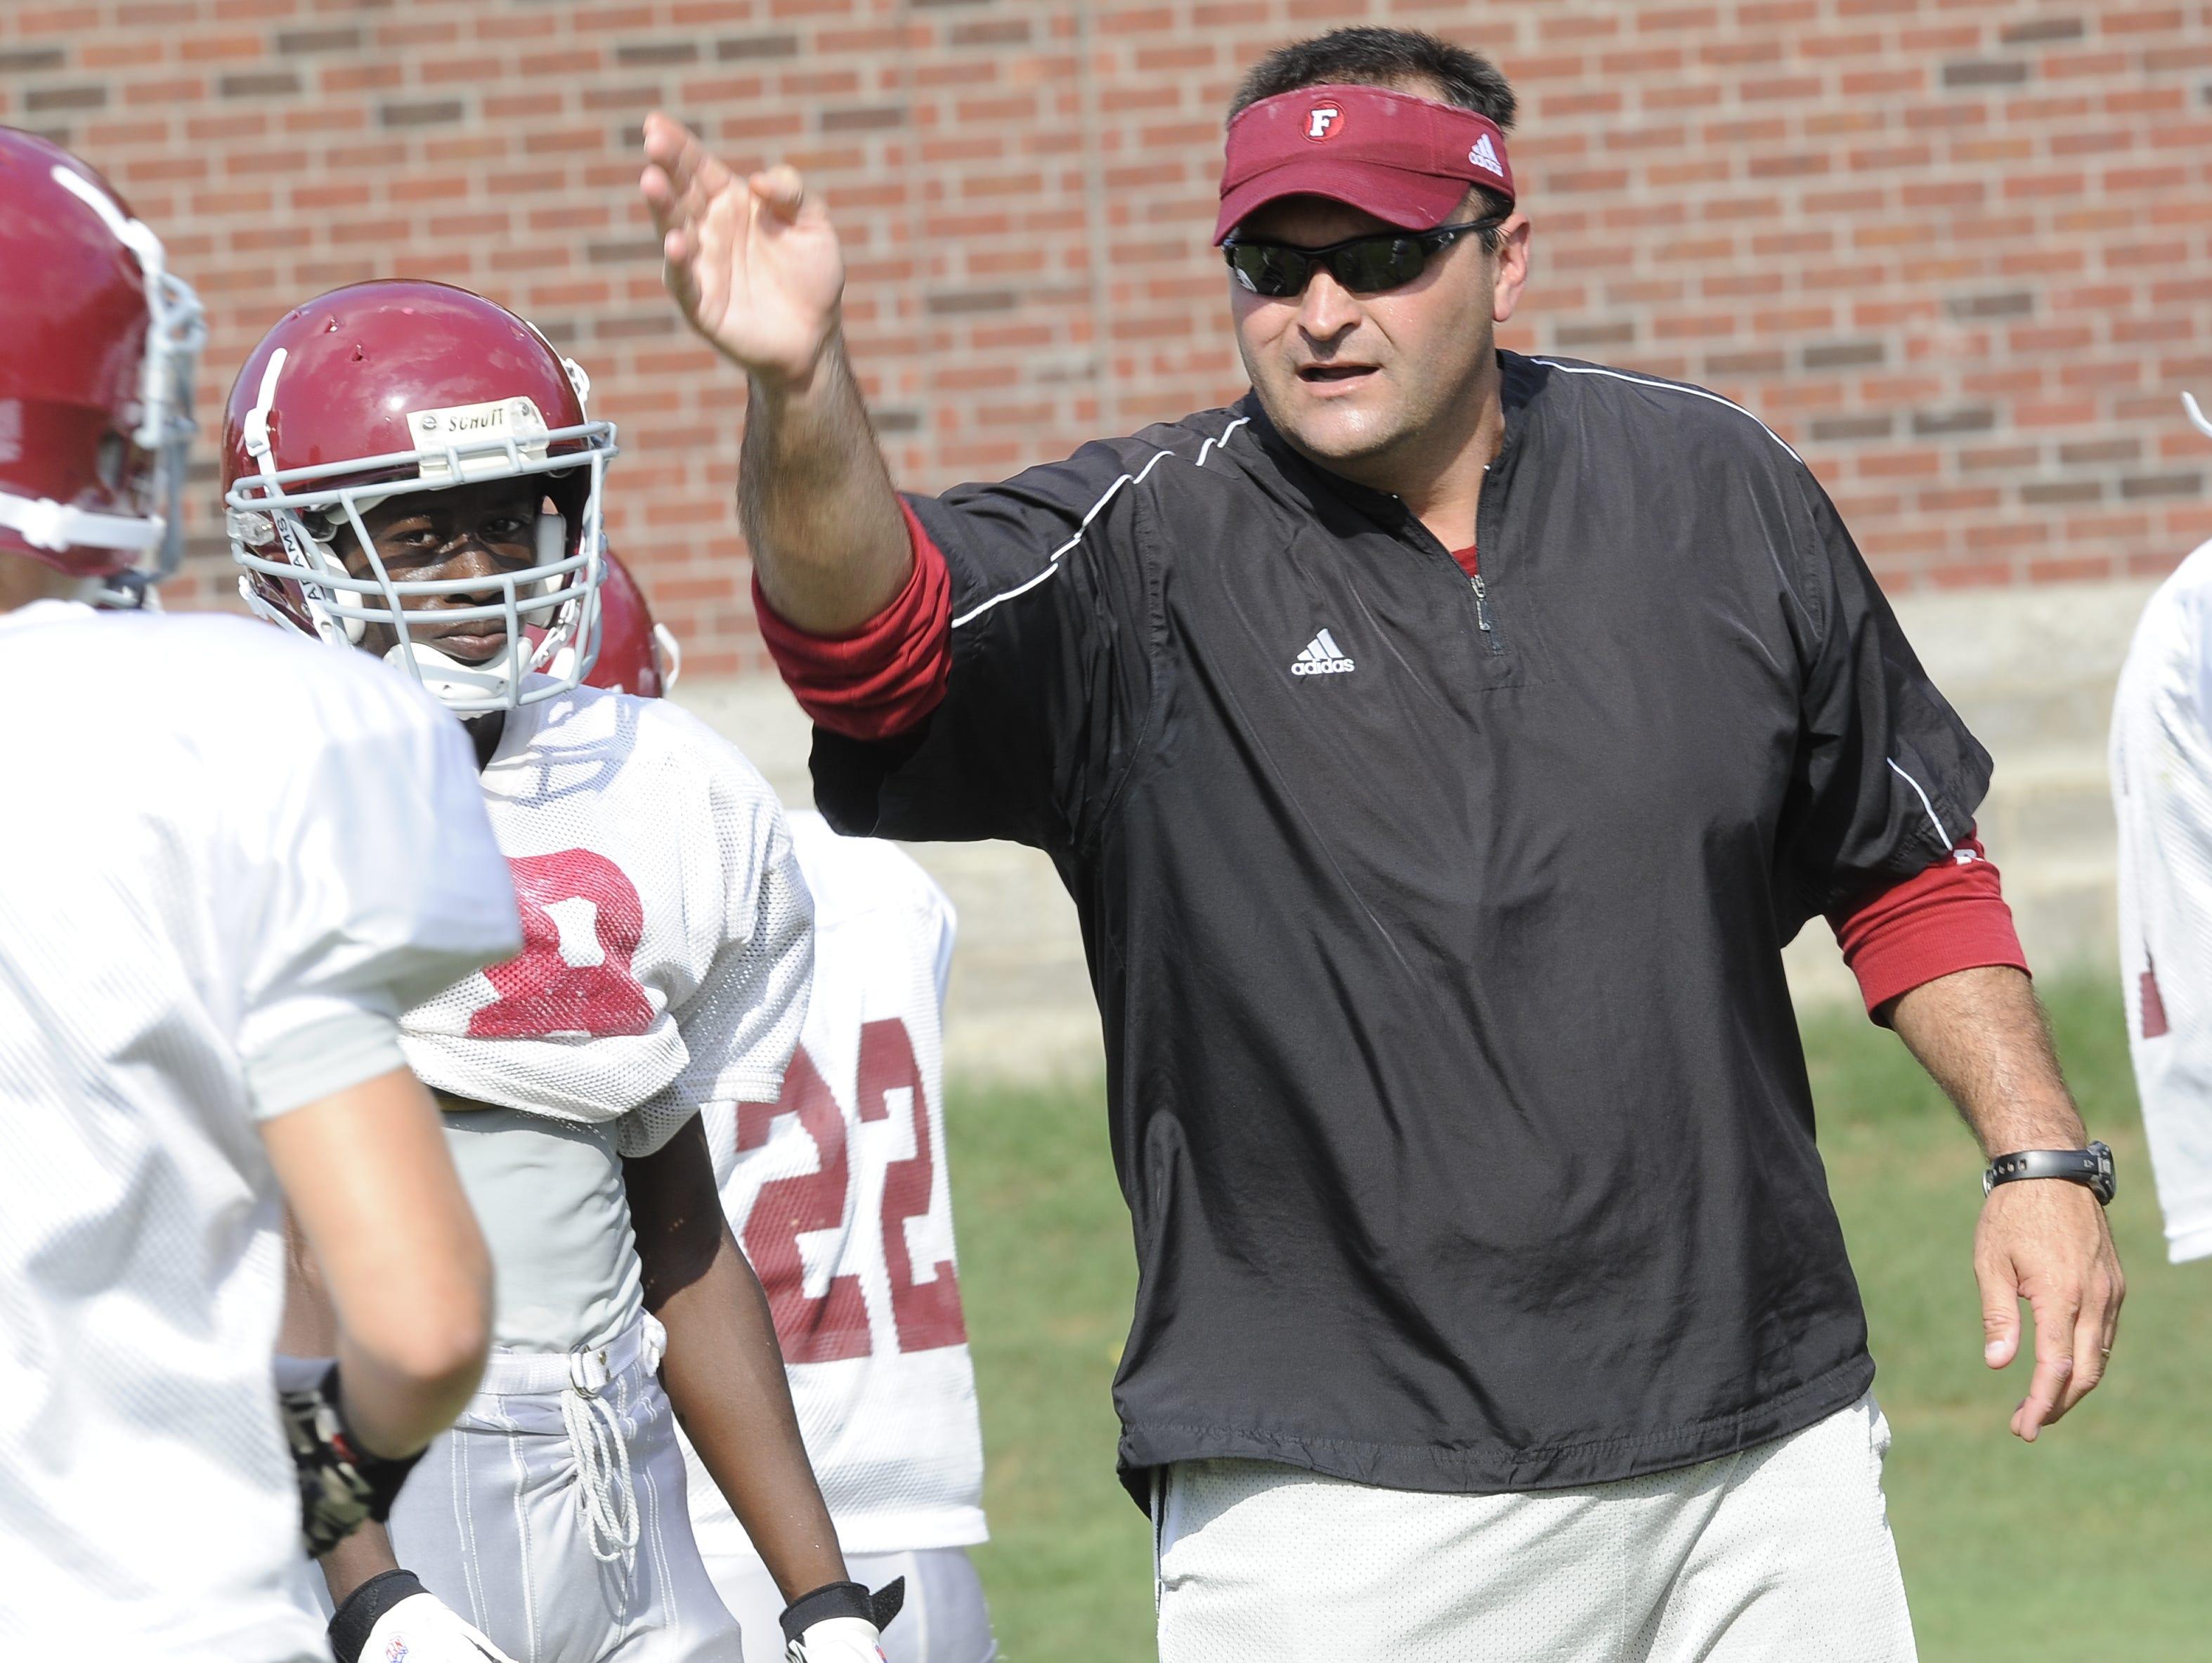 Franklin coach Donnie Webb